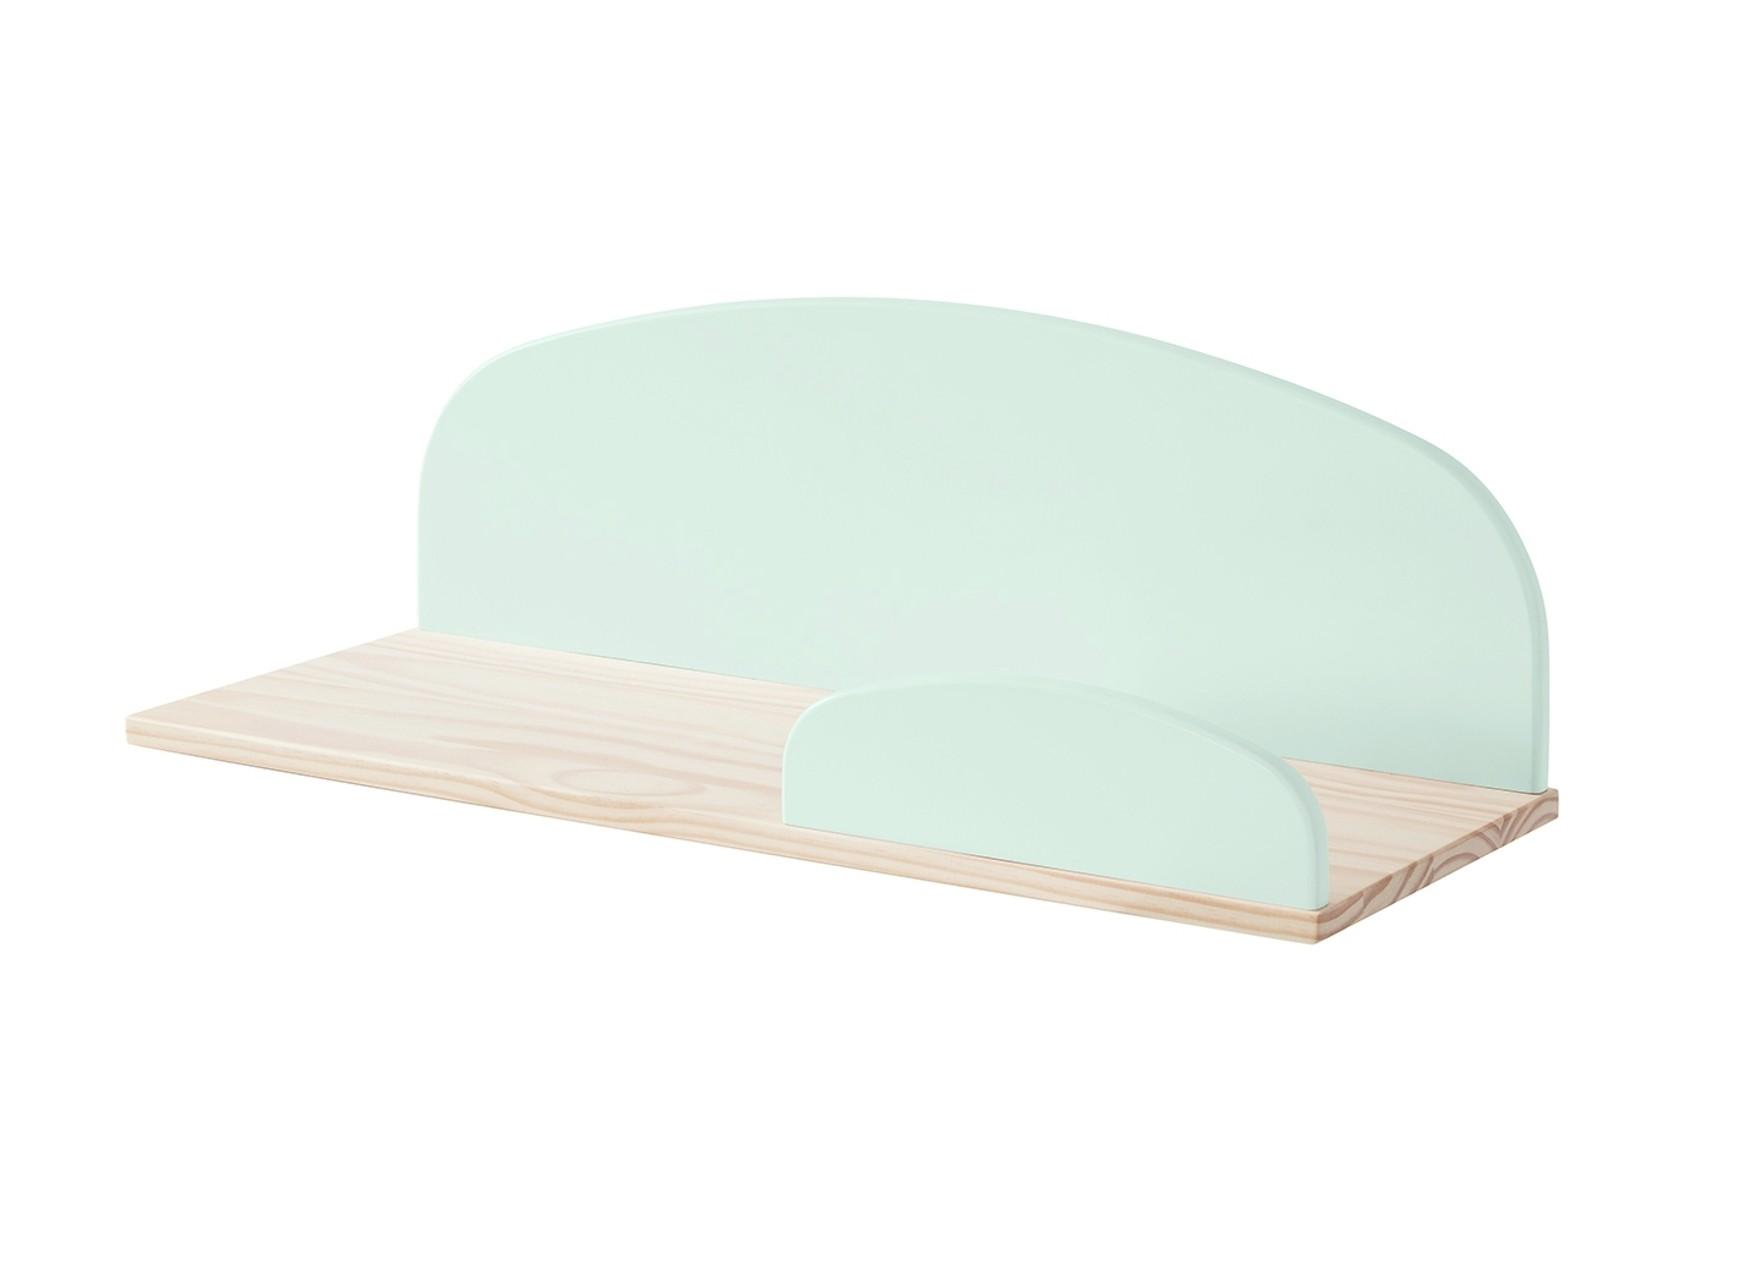 wandregal kiddy 60 cm breit mint gr n kinder jugendzimmer regale. Black Bedroom Furniture Sets. Home Design Ideas